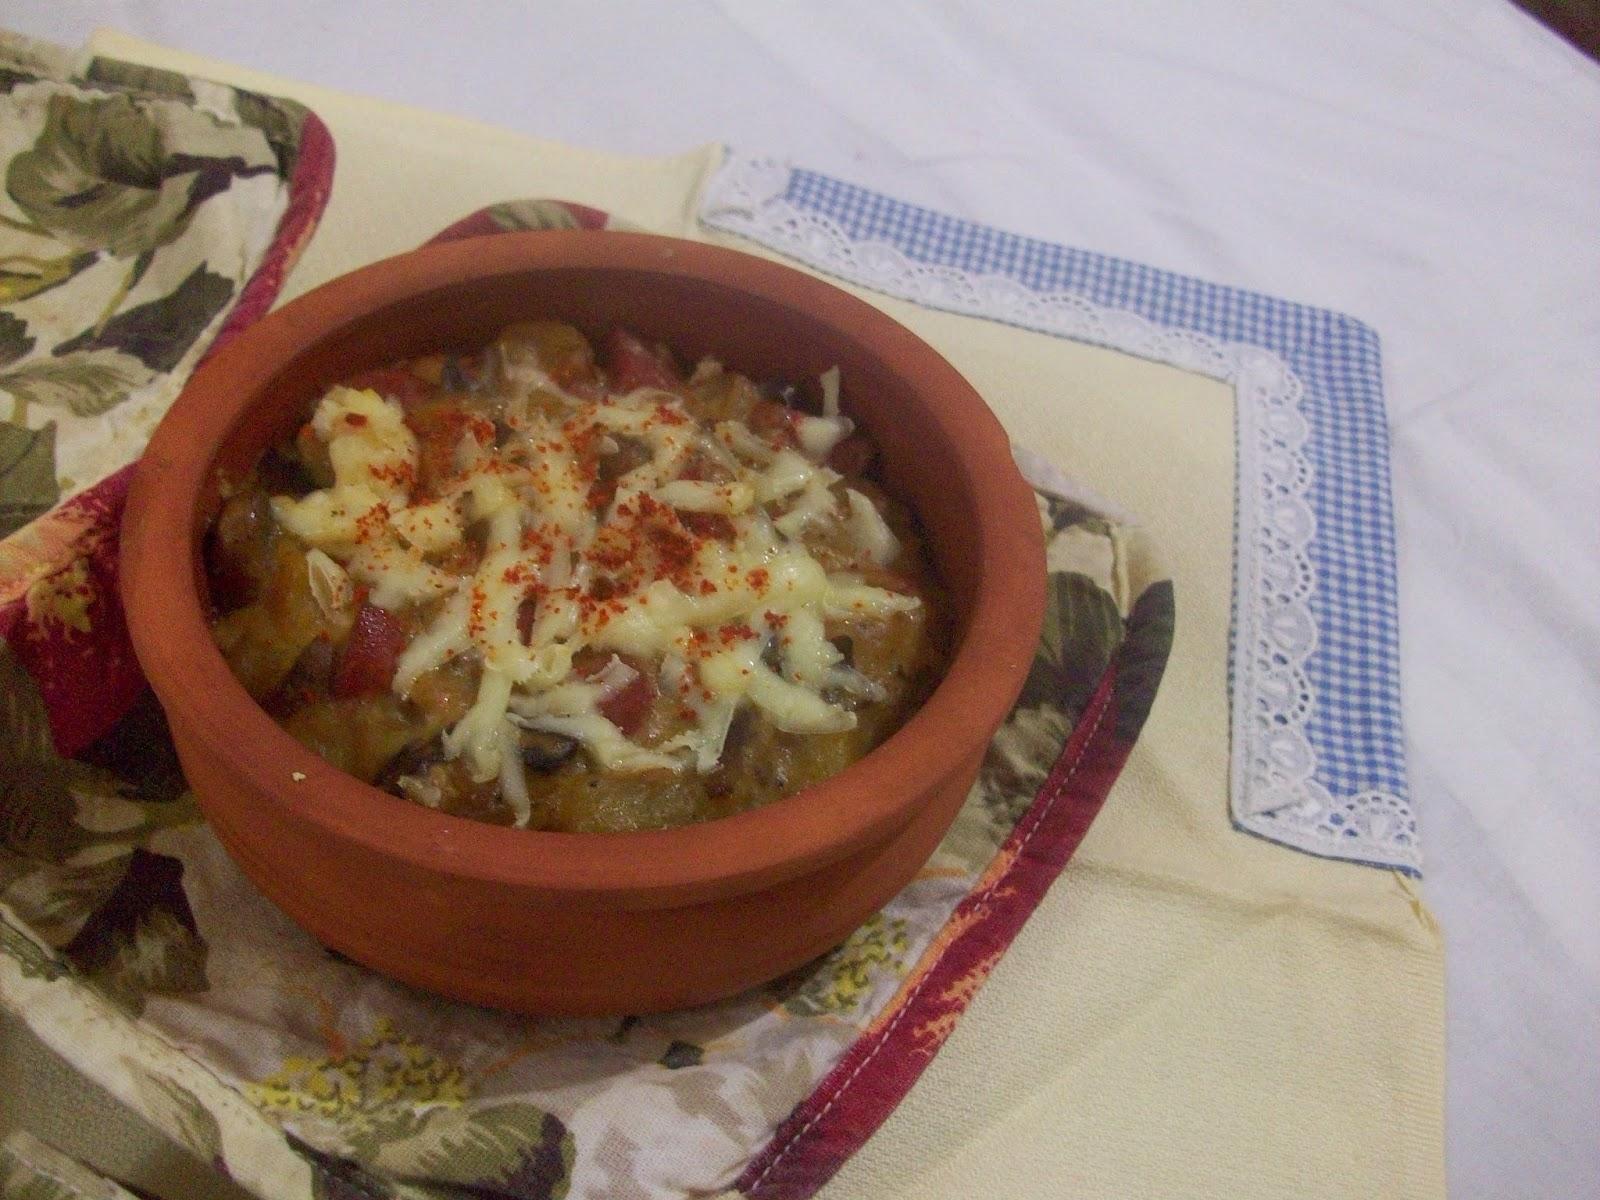 Patates püresinden güveç. Her gün için tarifler